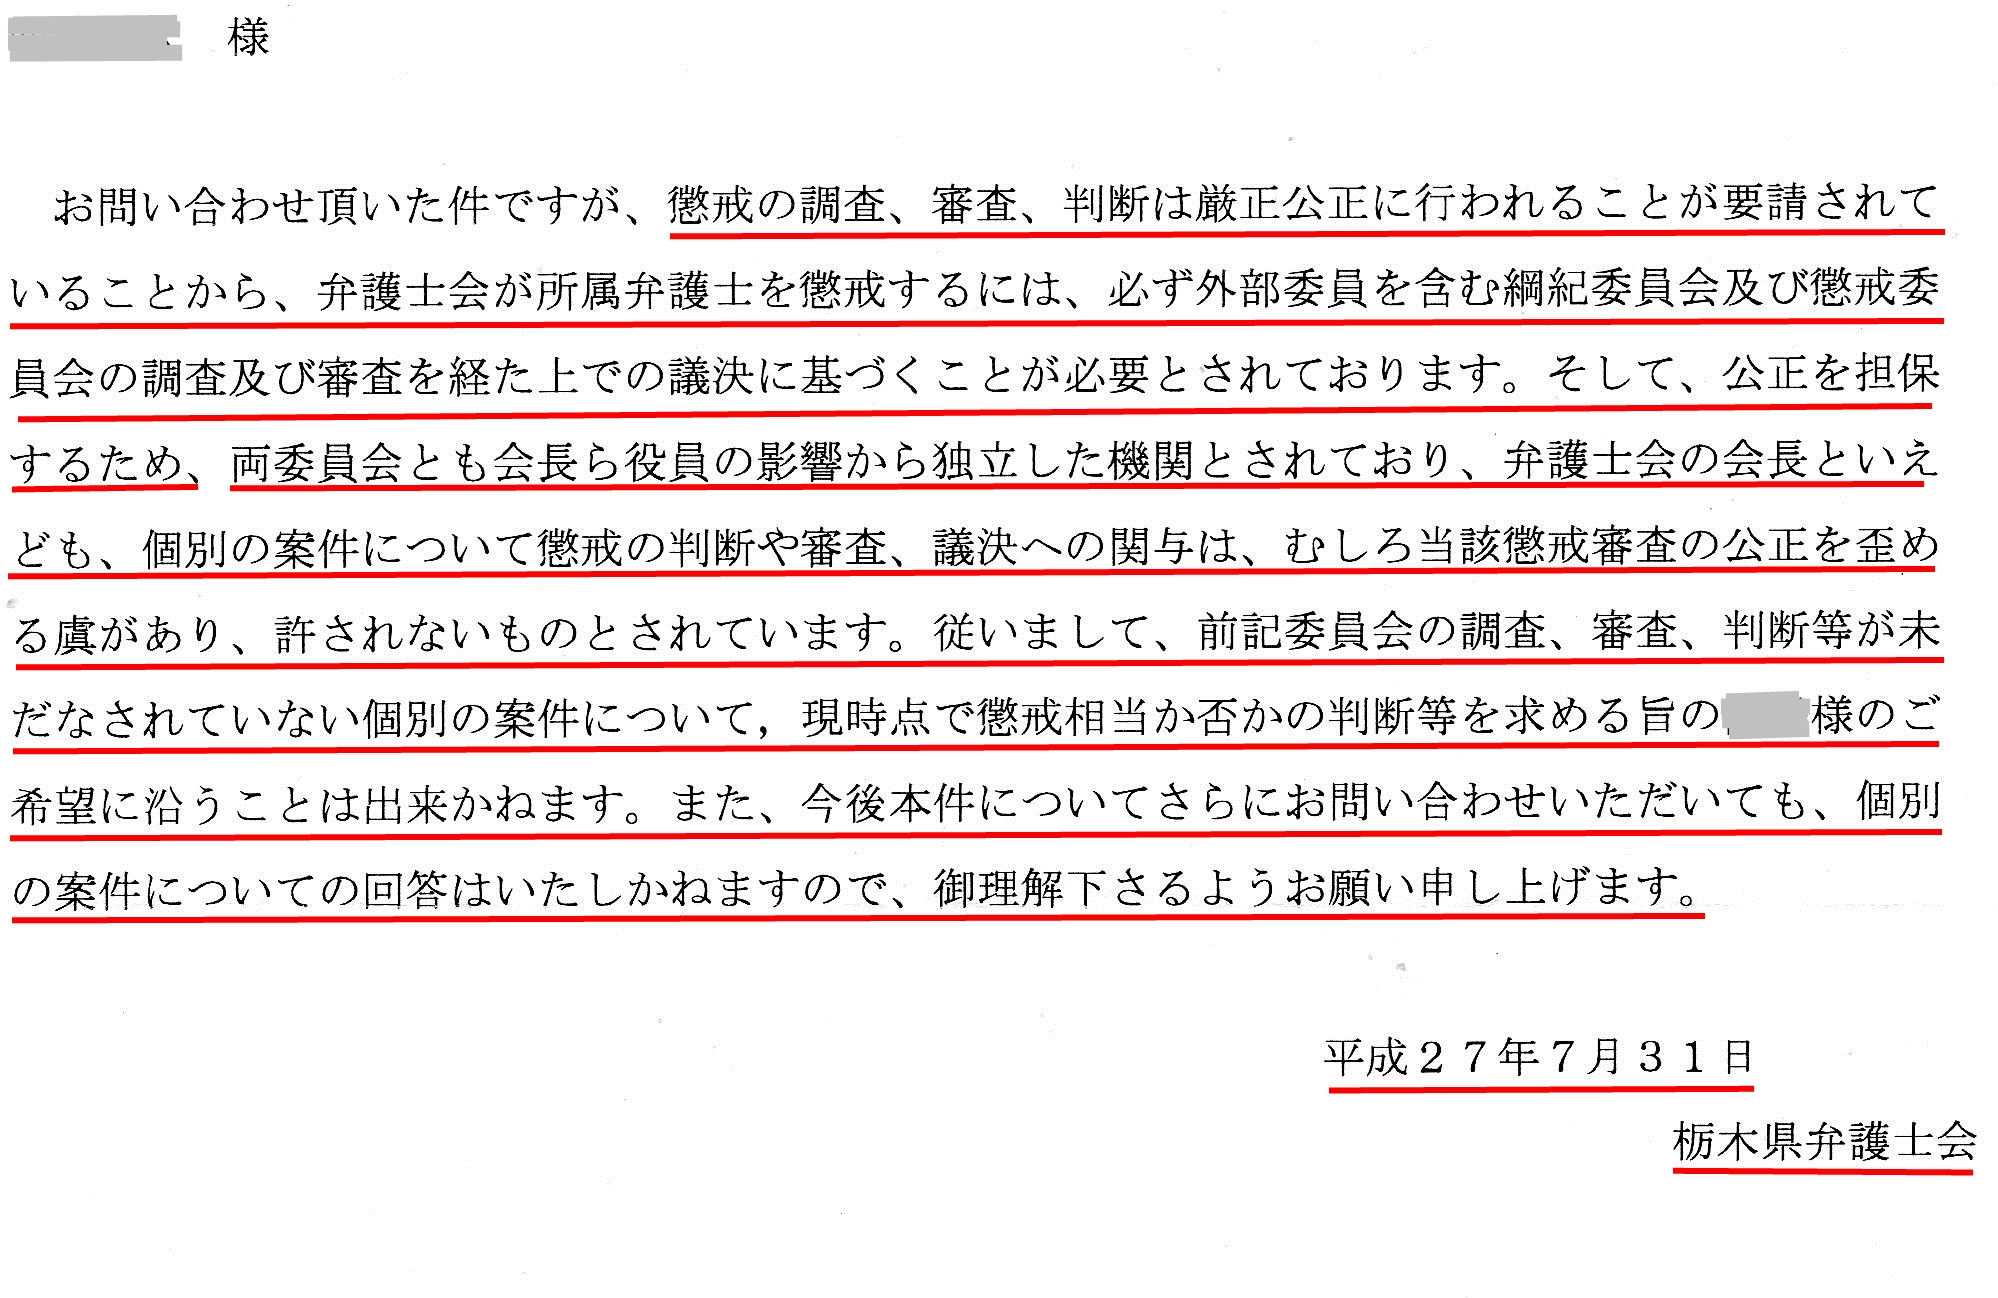 栃木県弁護士会回答